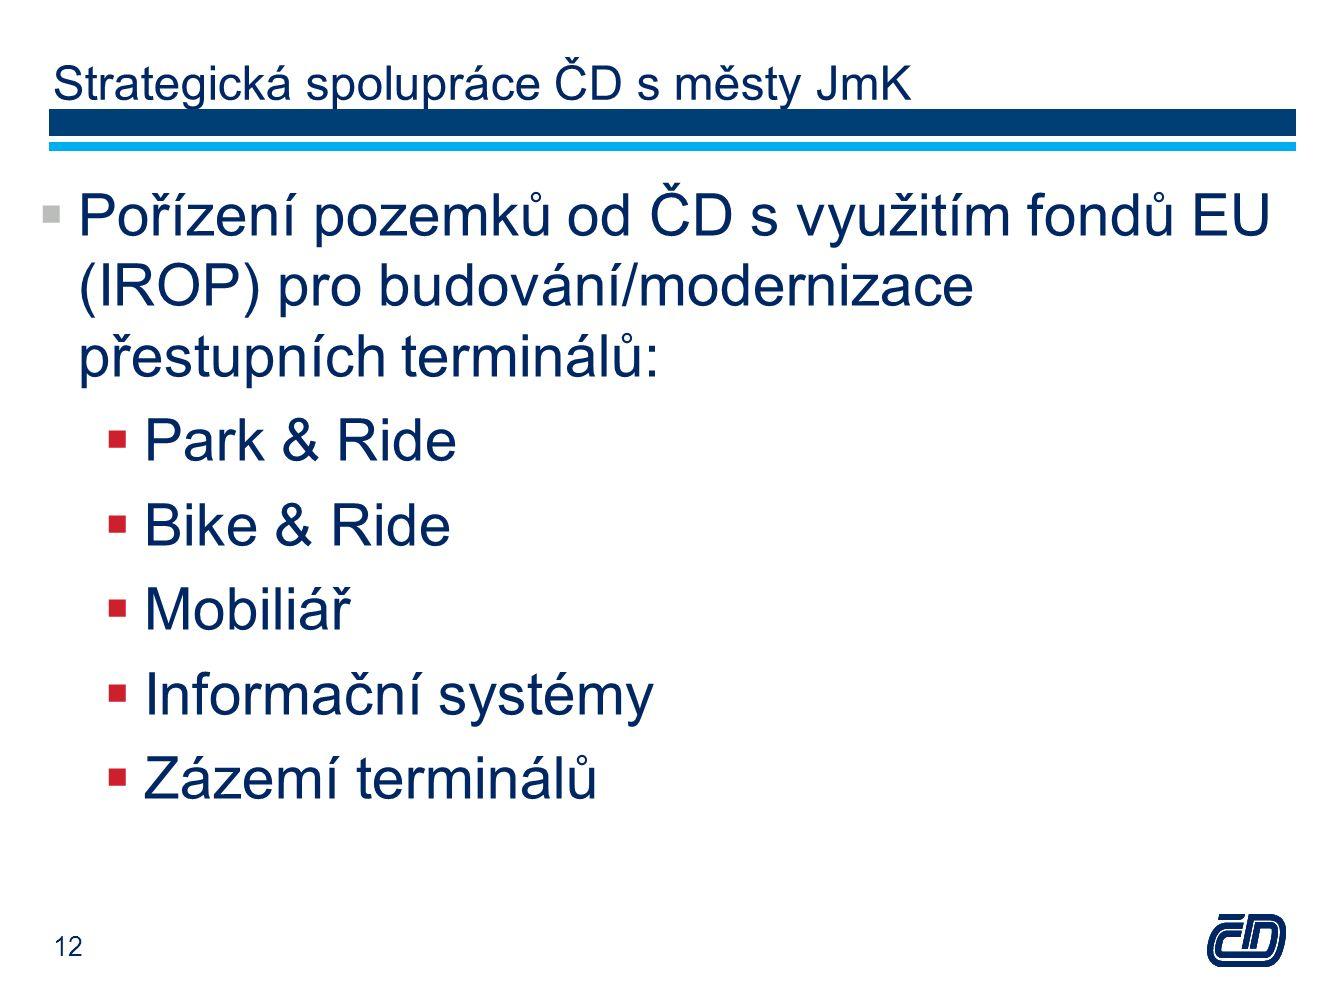 Strategická spolupráce ČD s městy JmK  Pořízení pozemků od ČD s využitím fondů EU (IROP) pro budování/modernizace přestupních terminálů:  Park & Ride  Bike & Ride  Mobiliář  Informační systémy  Zázemí terminálů 12